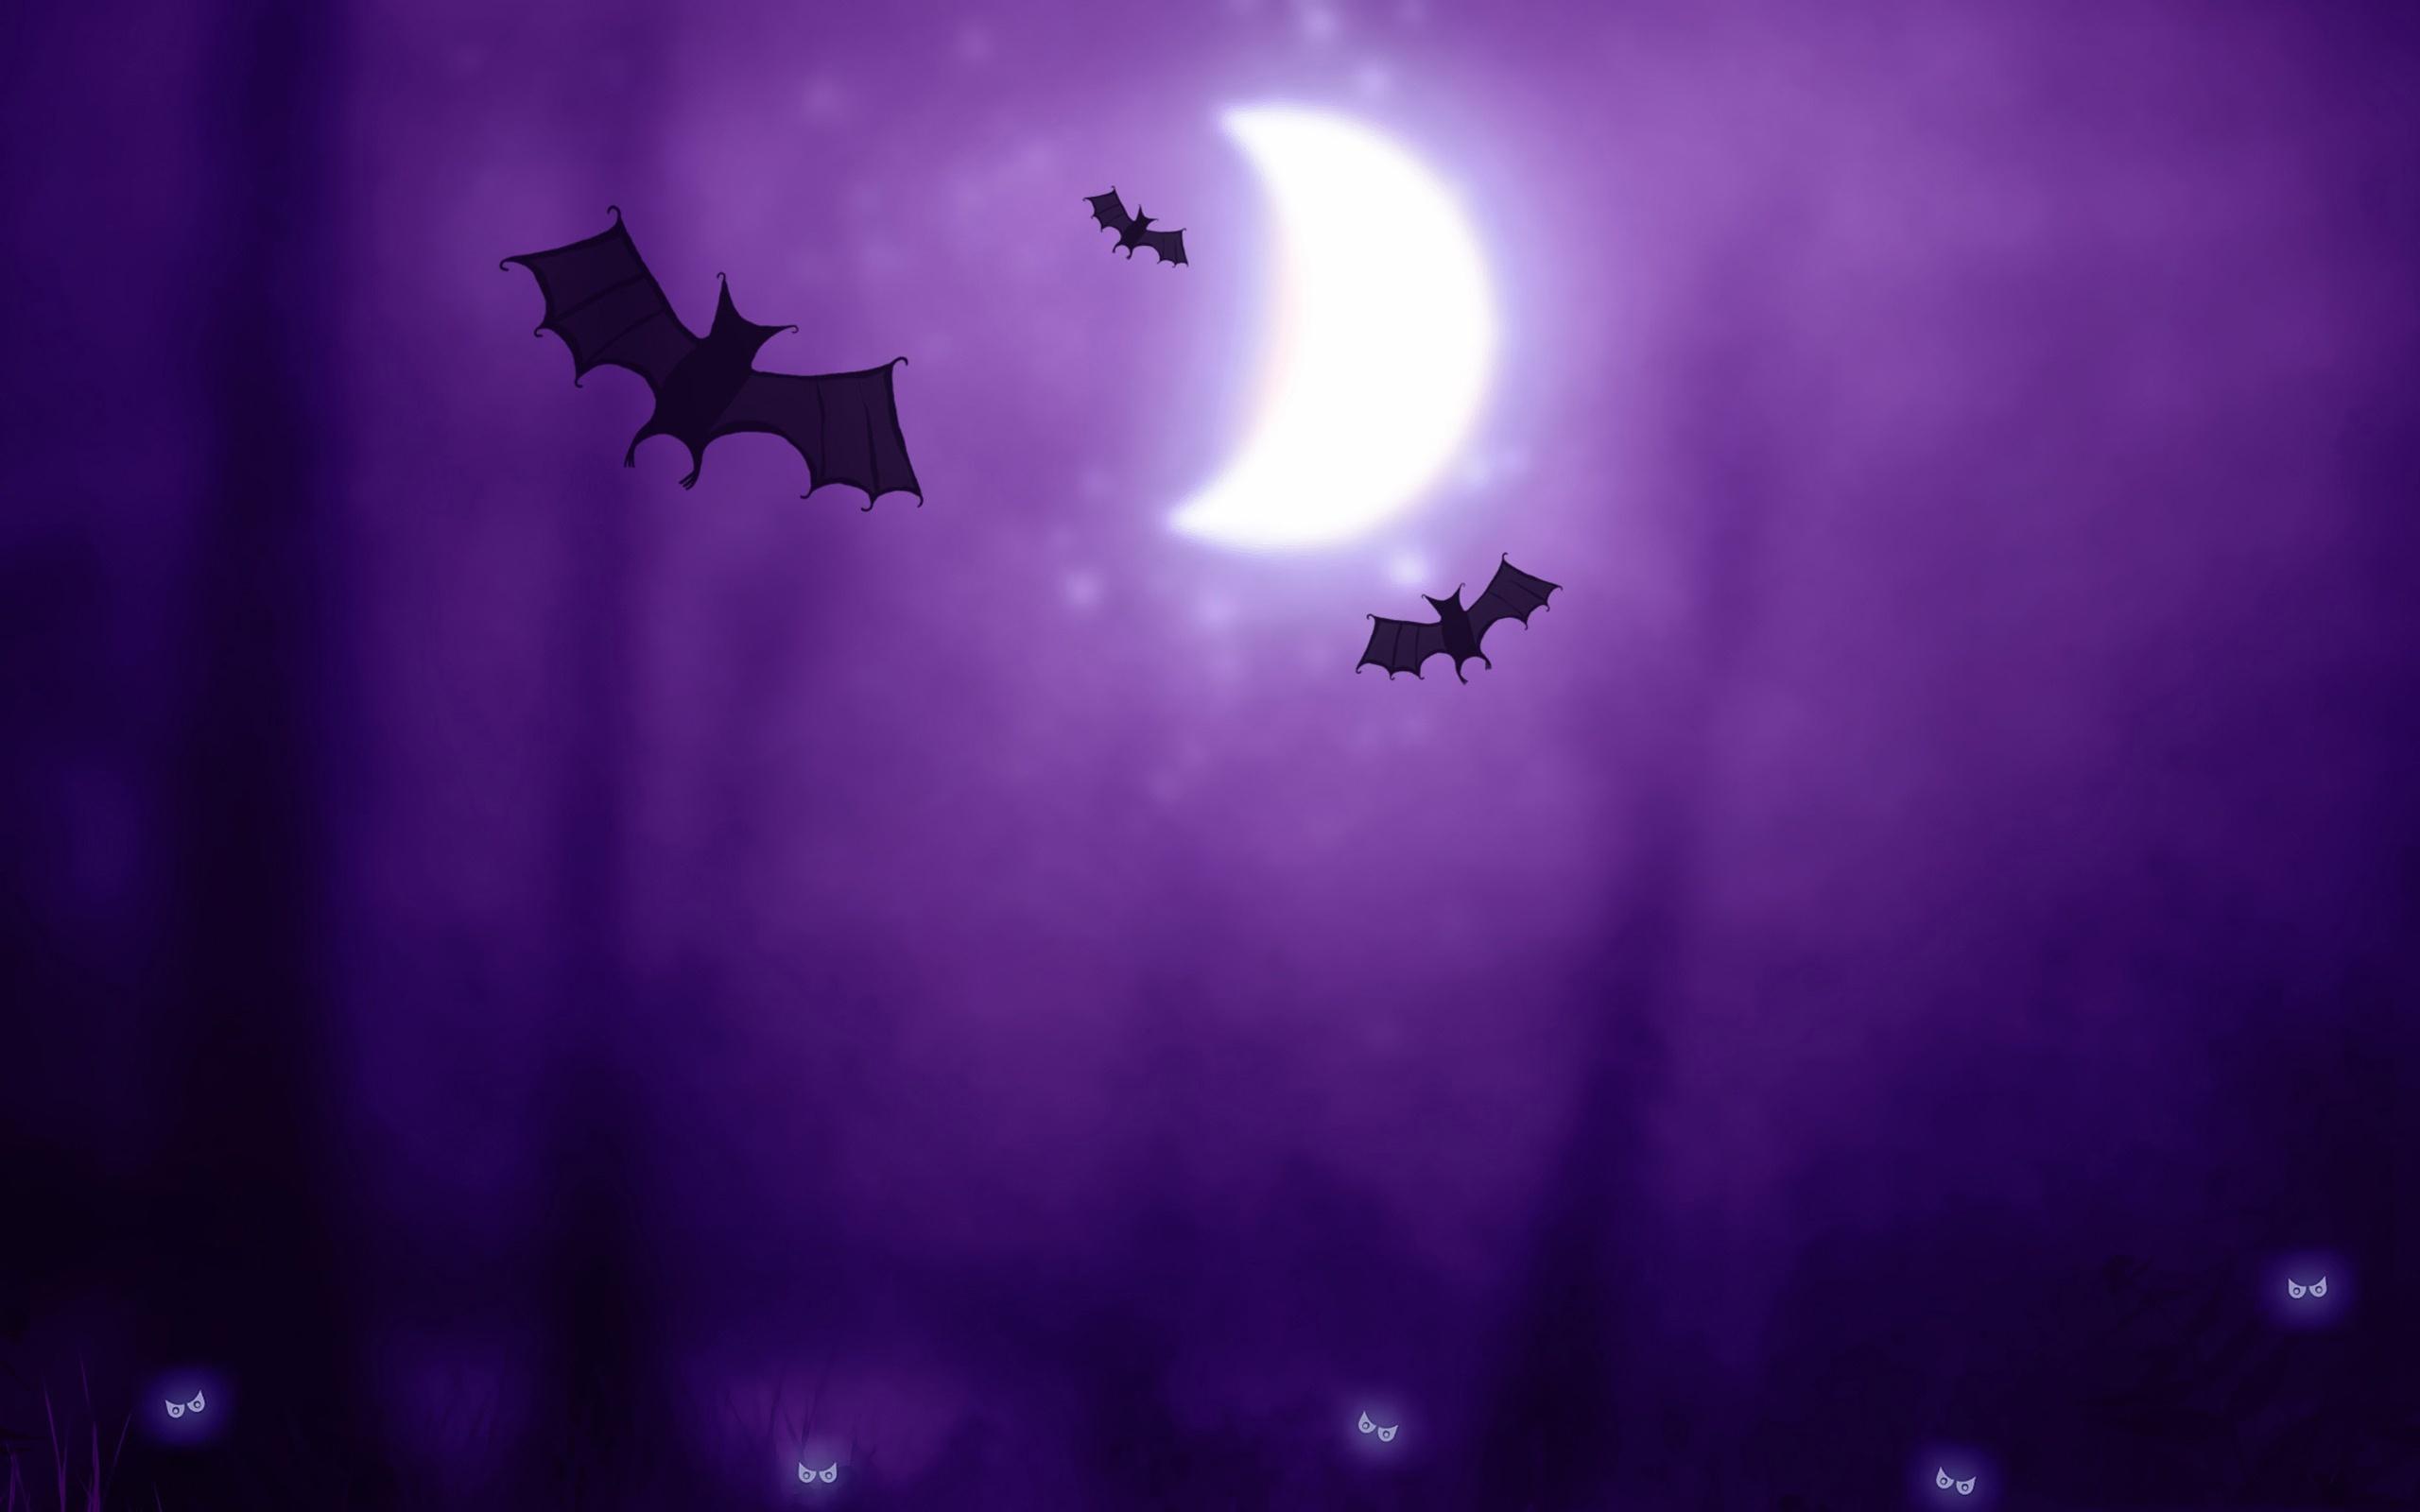 halloween_bats-2560×1600-dusicky-obrazky-na-plochu